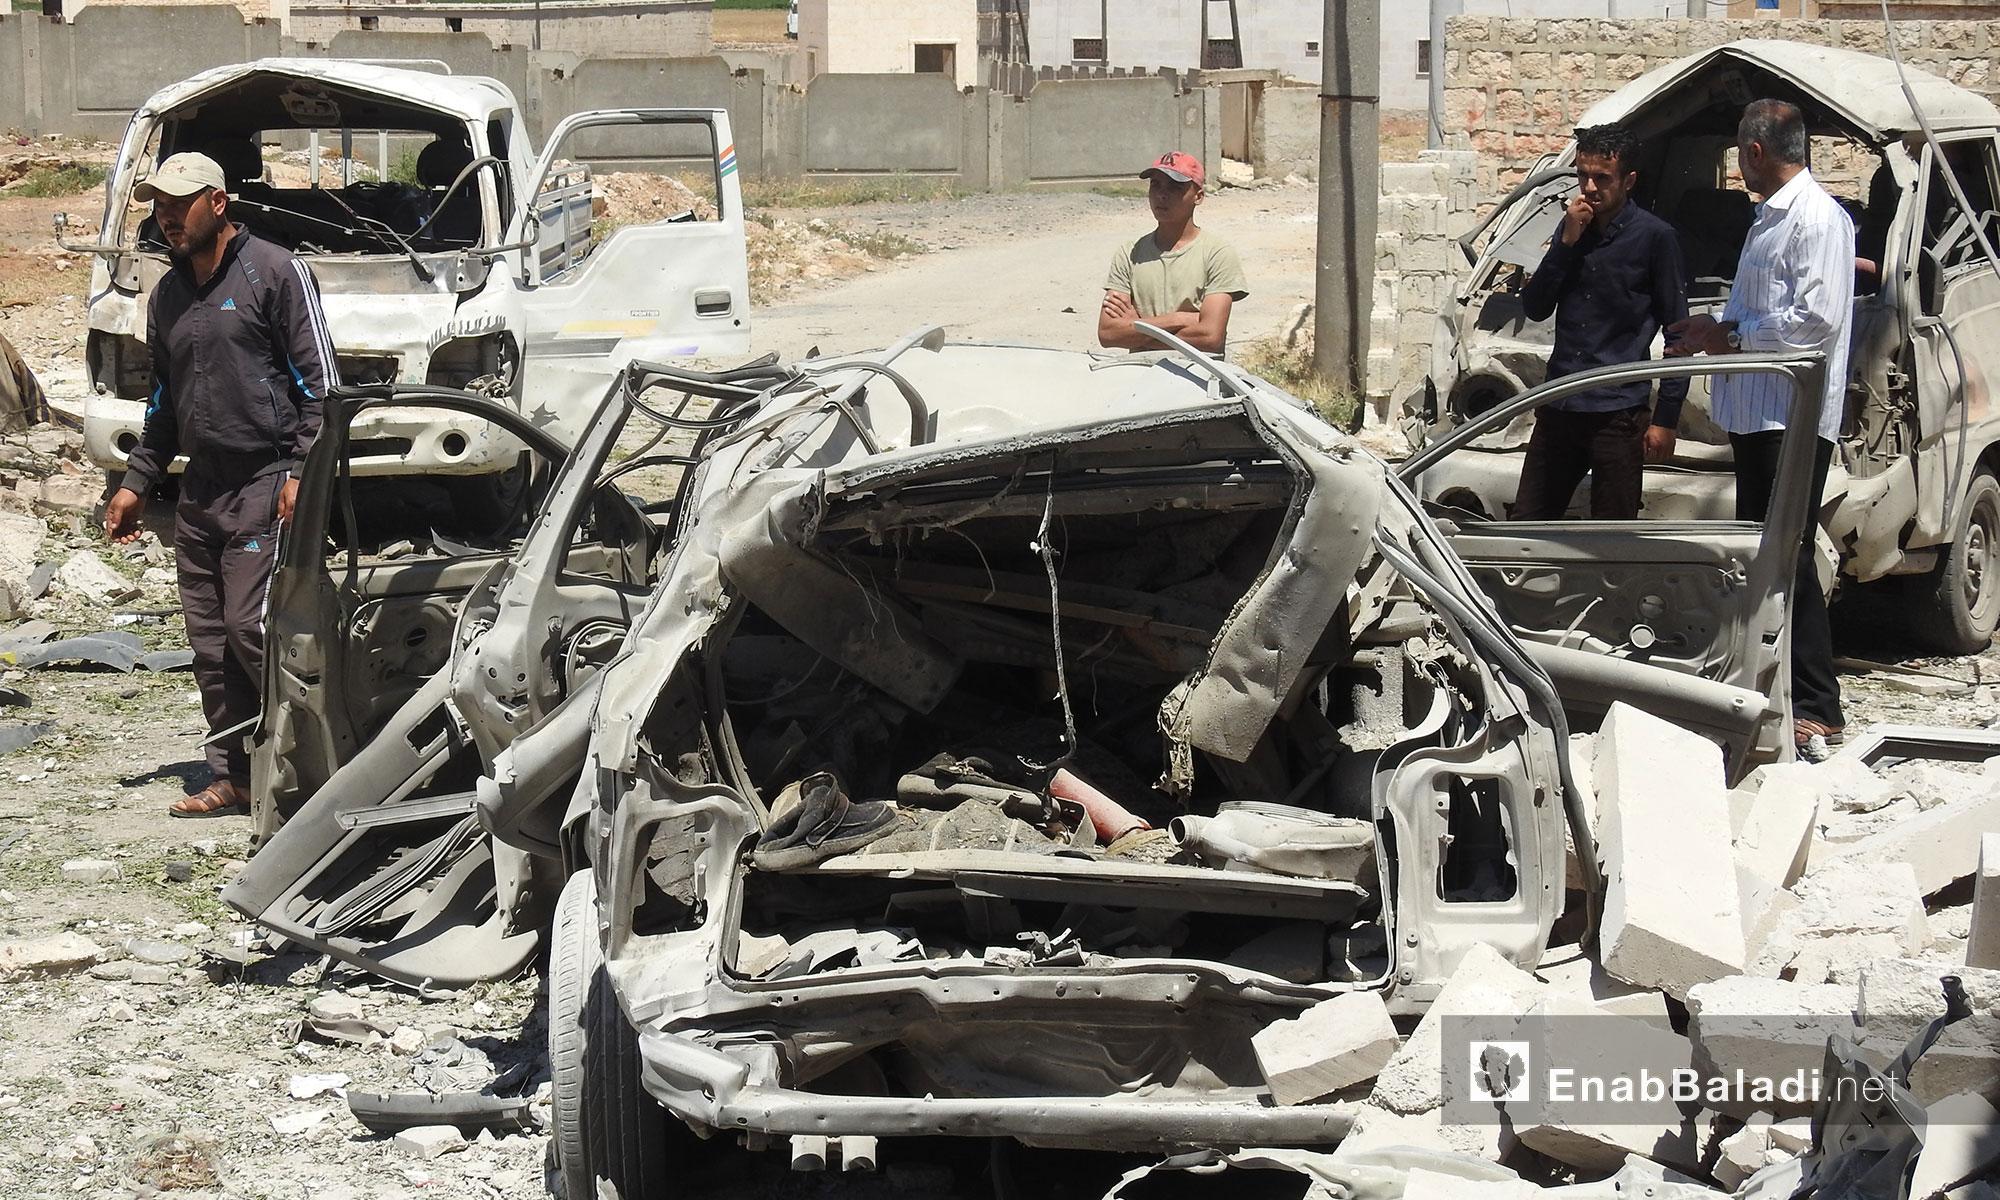 آثار انفجار سيارة مفخخة في مدينة أخترين بريف حلب الشمالي - 22 تموز 2018 (عنب بلدي)